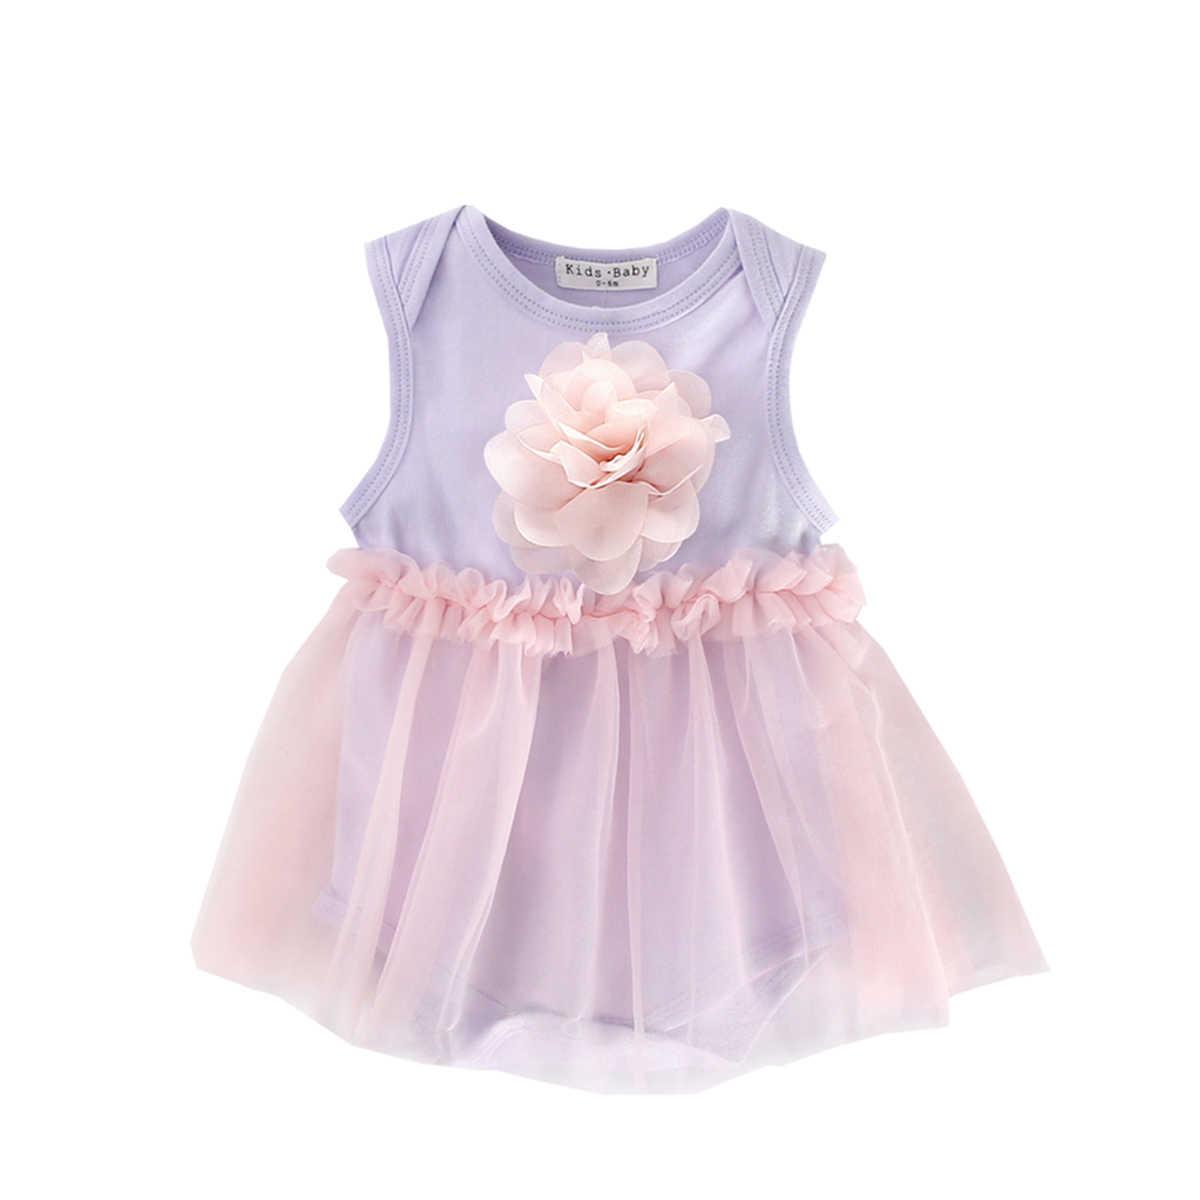 Mùa hè cho bé gái lưới bodysuit kid cho bé cotton áo hoa công chúa tutu áo quần áo sơ sinh beachsuit